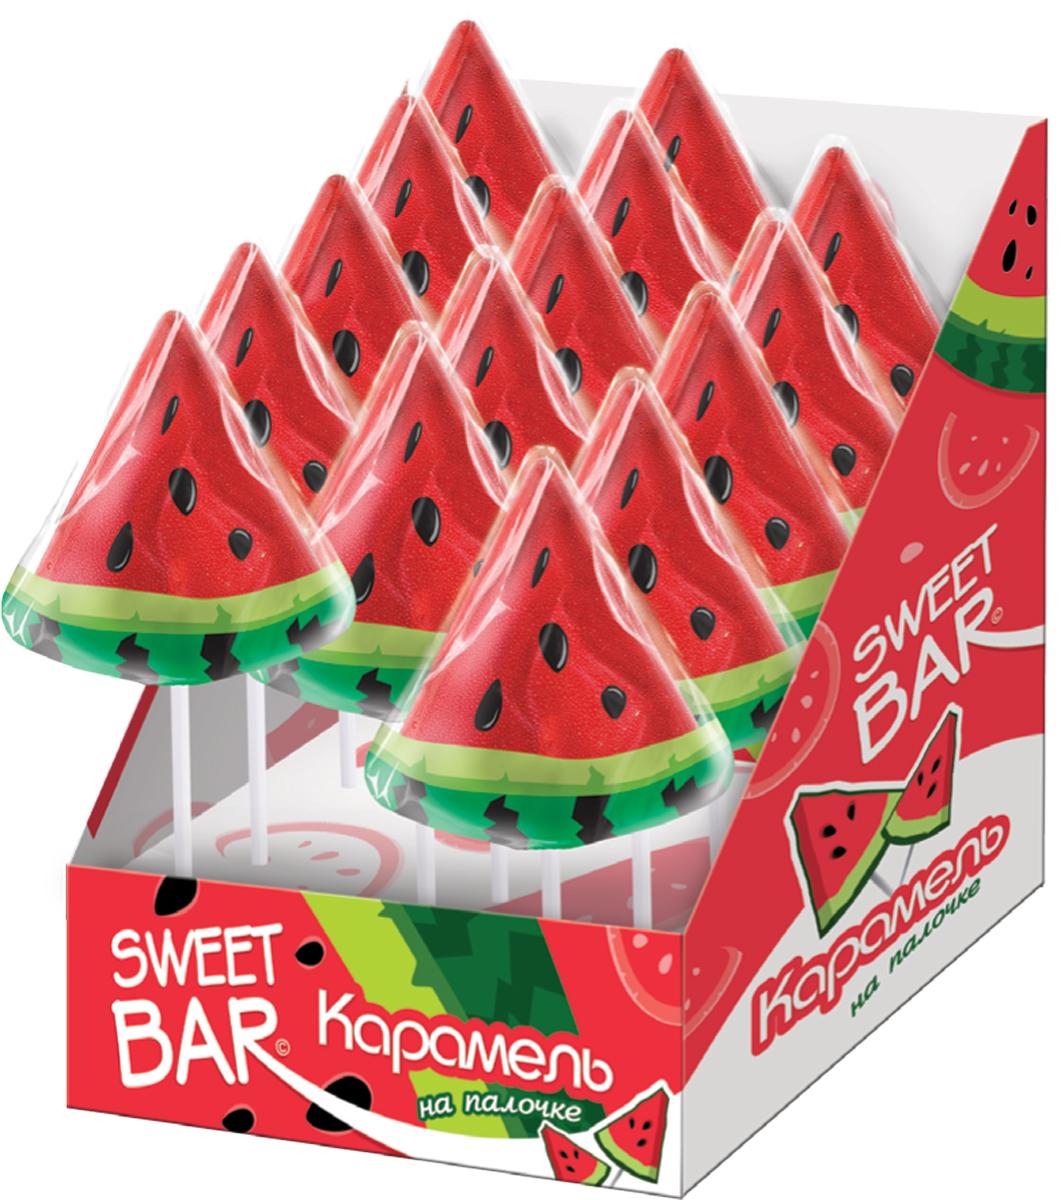 Конфитрейд Sweet Bar Арбузик карамель на палочке, 15 шт по 40 гУТ22191Карамель на палочке плоская в форме ананаса - ребристый плод и листики